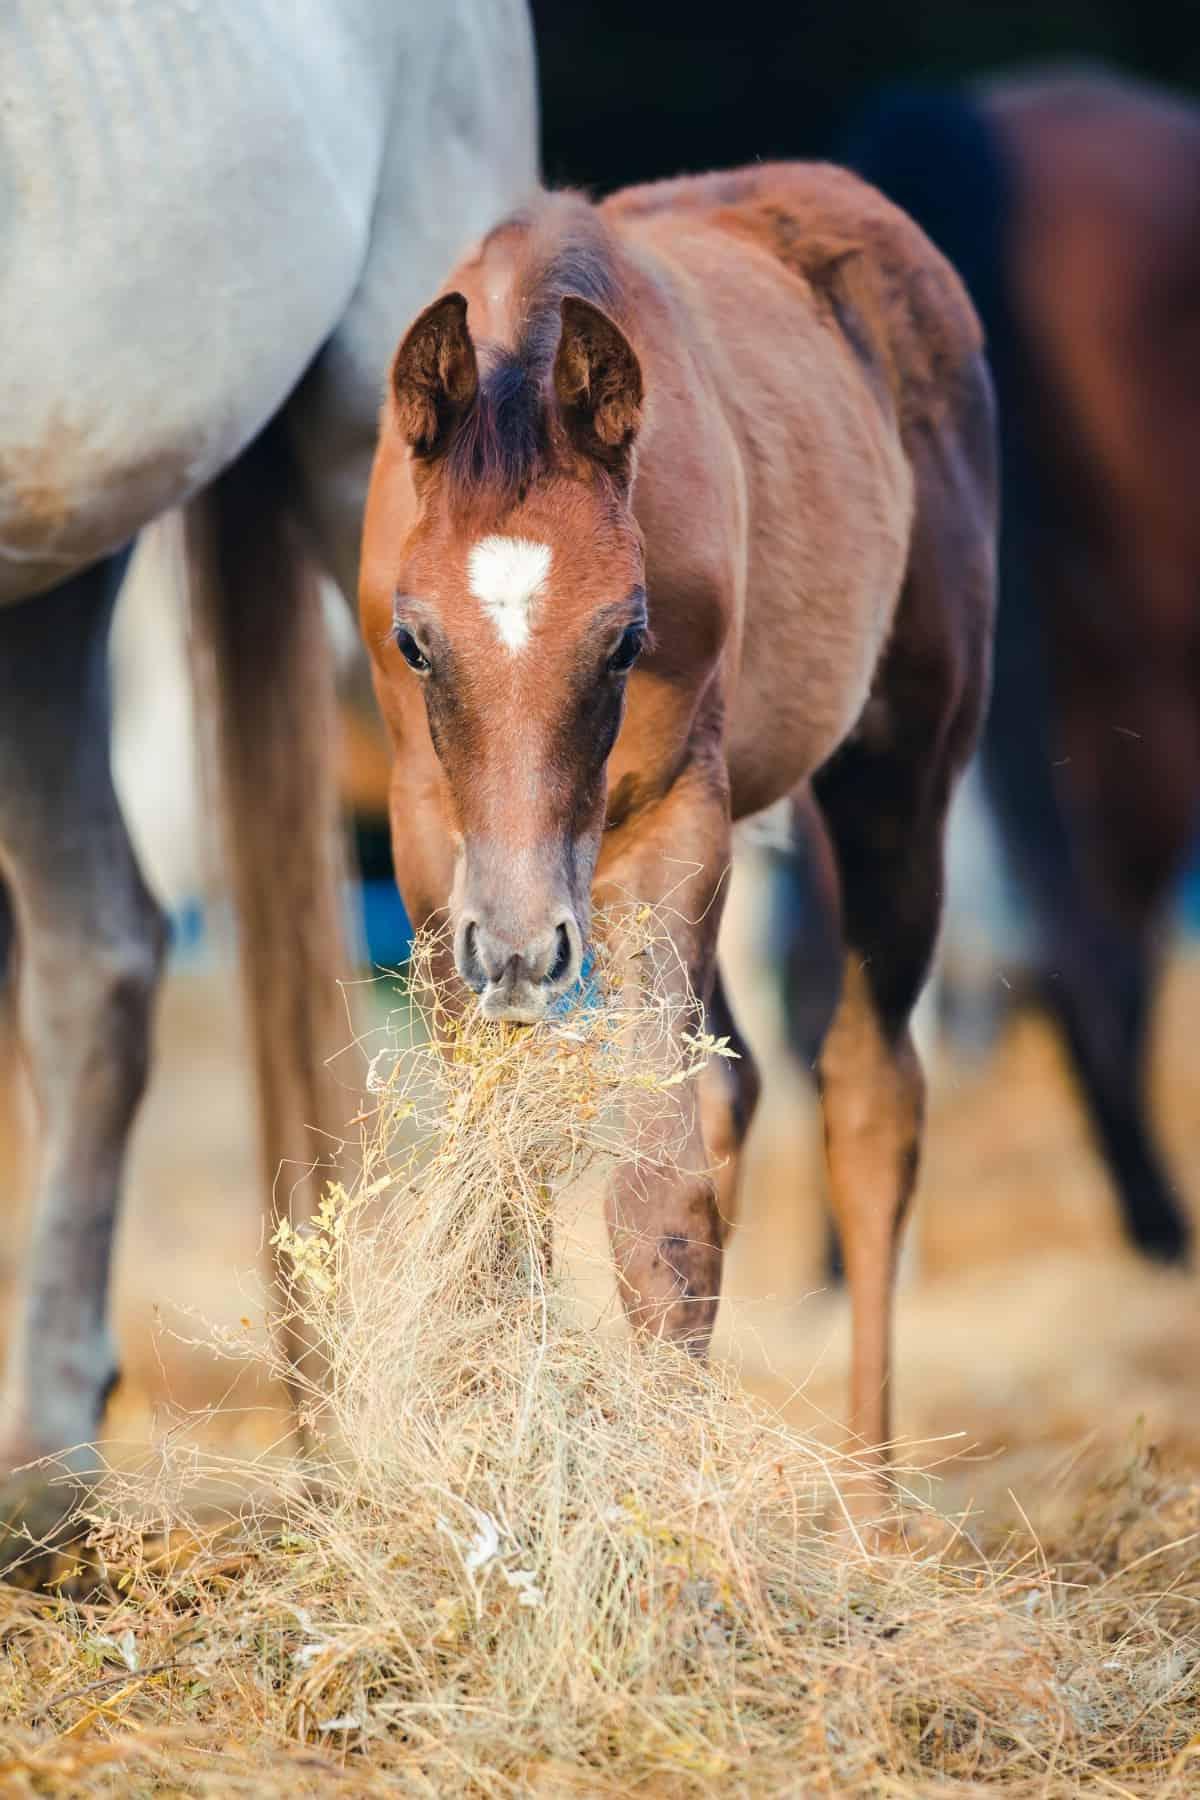 Brown foal eating hay